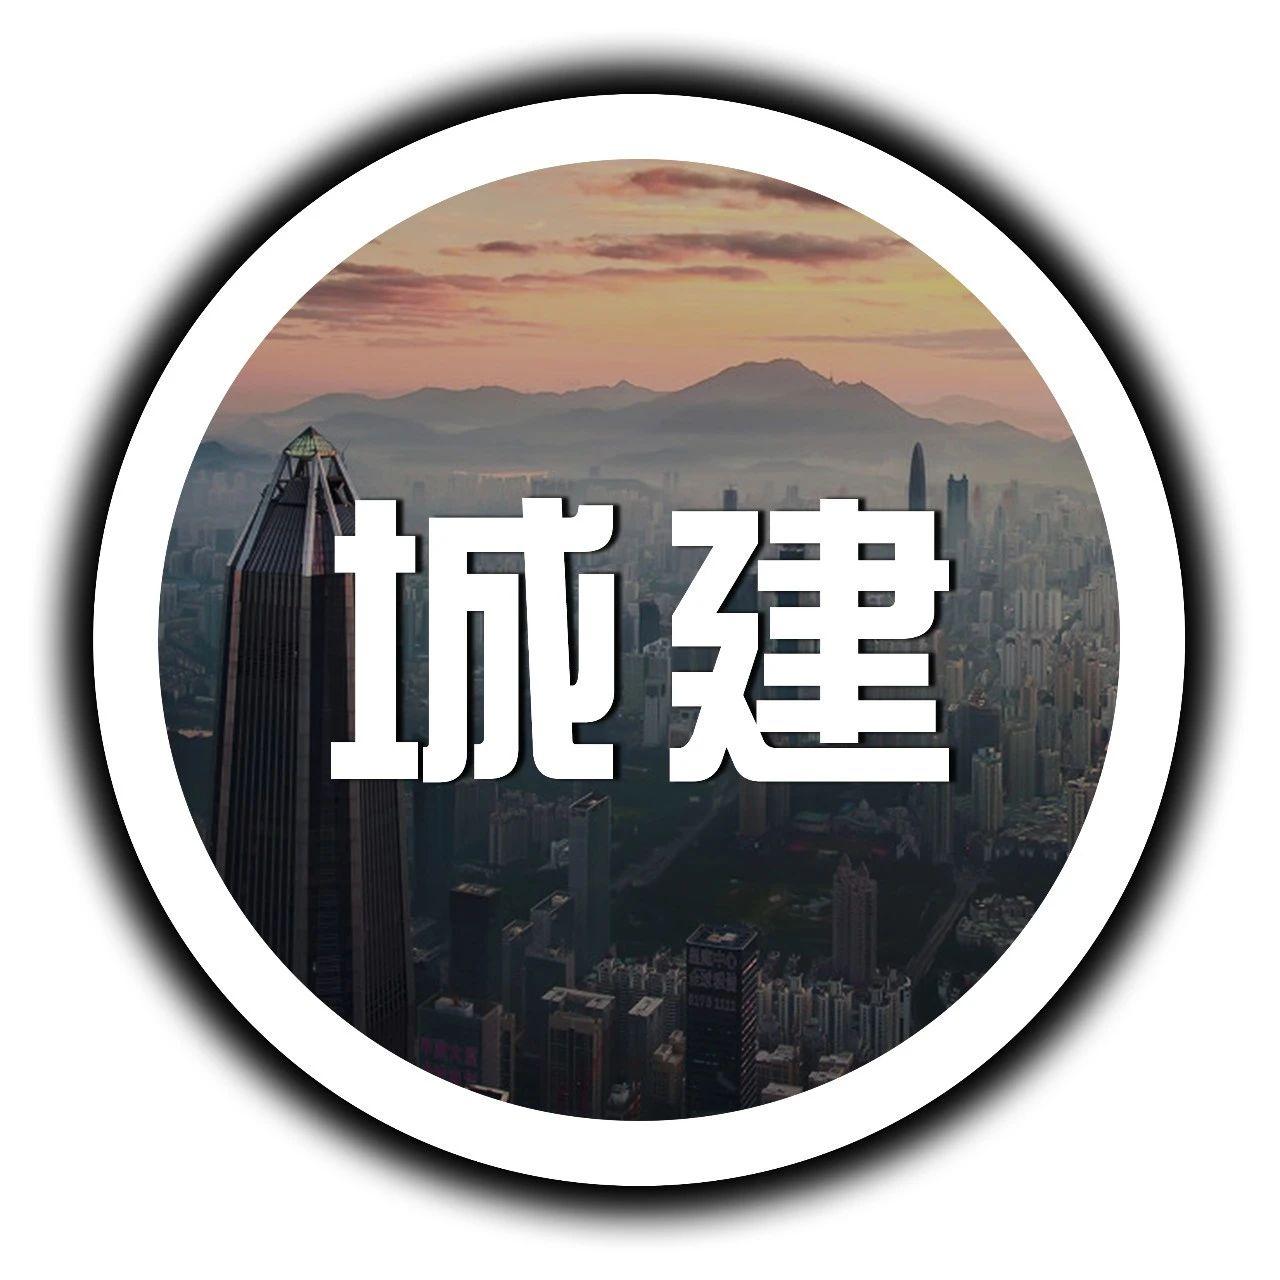 深圳湾超总首栋300米+地标封顶!国内地铁上盖第一高楼